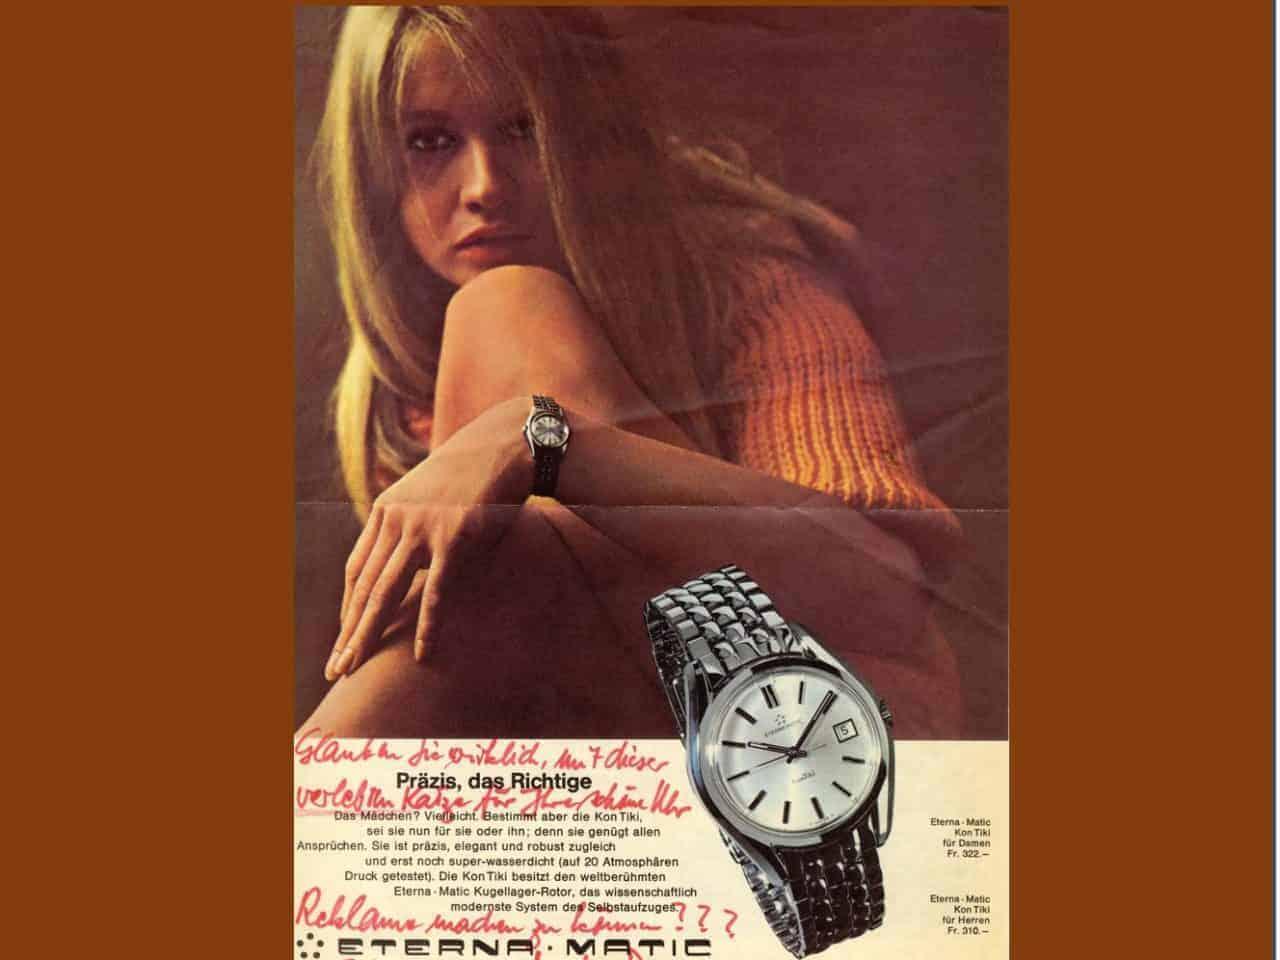 Glauben Sie wirklich, mit dieser verlebten Katze Reklame für ihre schöne Uhr machen zu können?